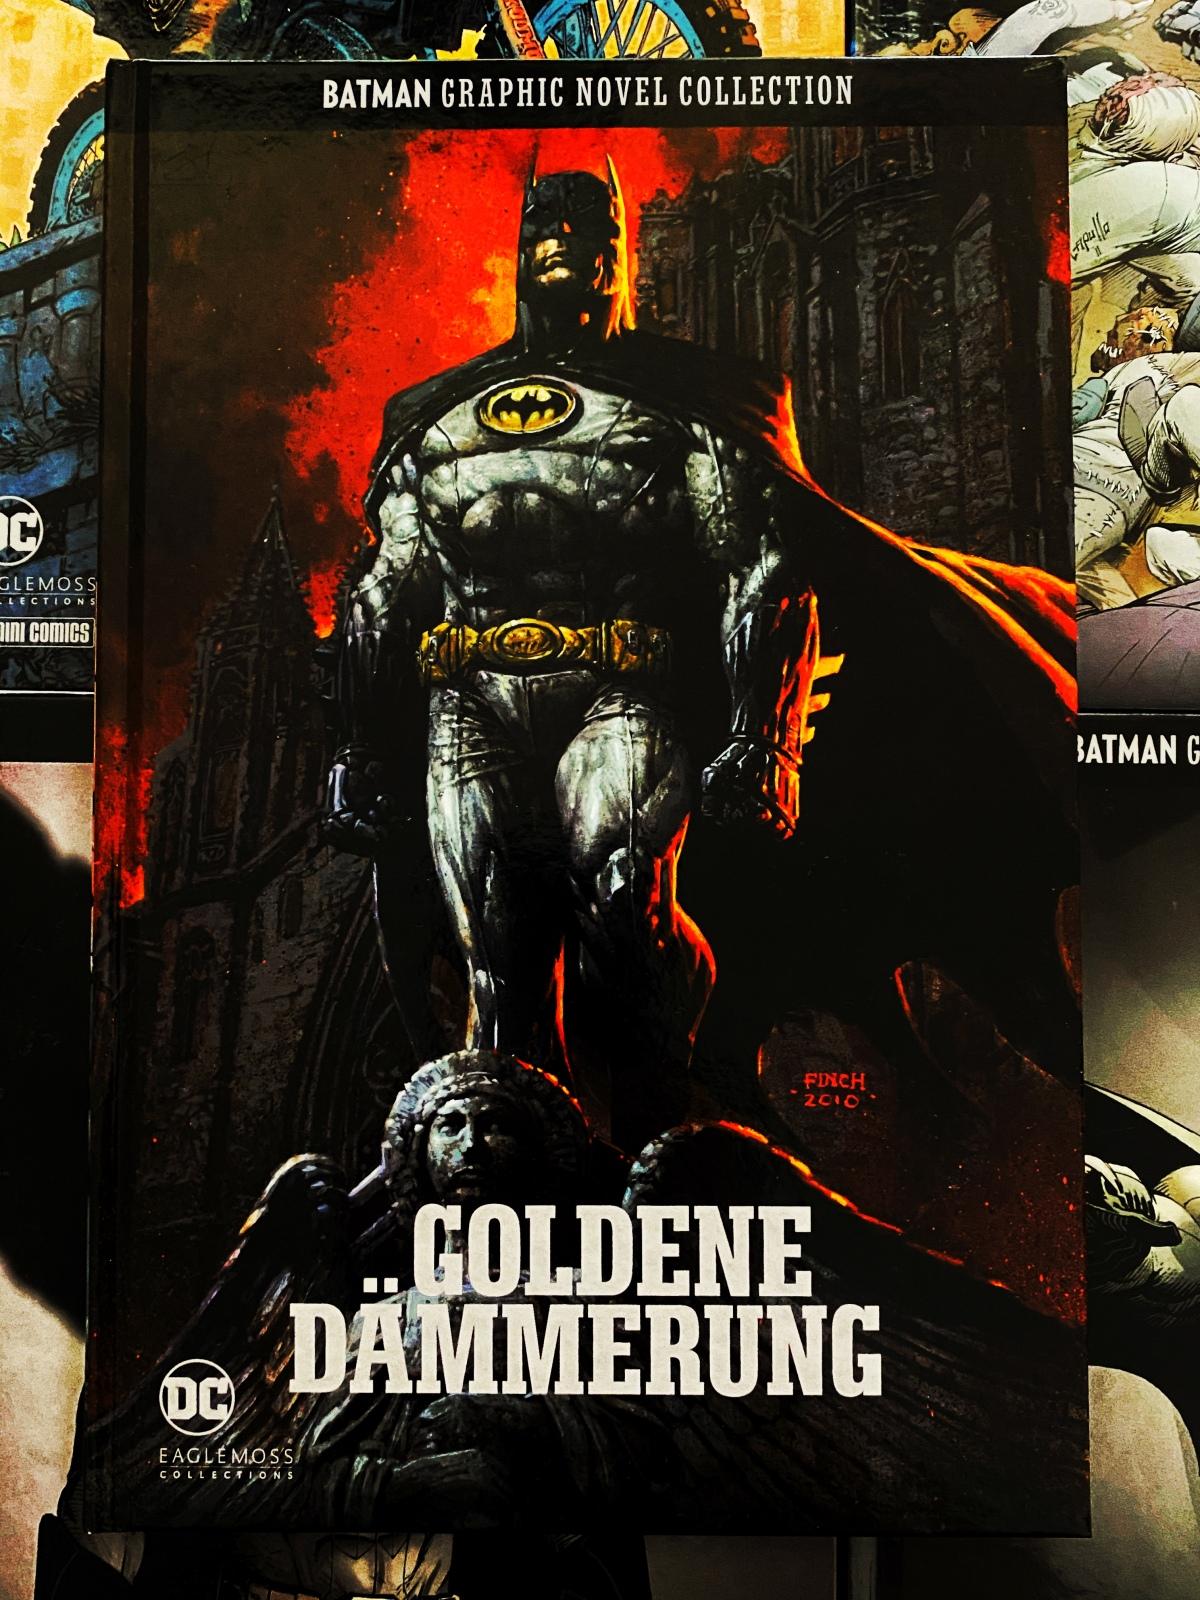 Goldene Dämmerung | Review | Batman Graphic NovelCollection